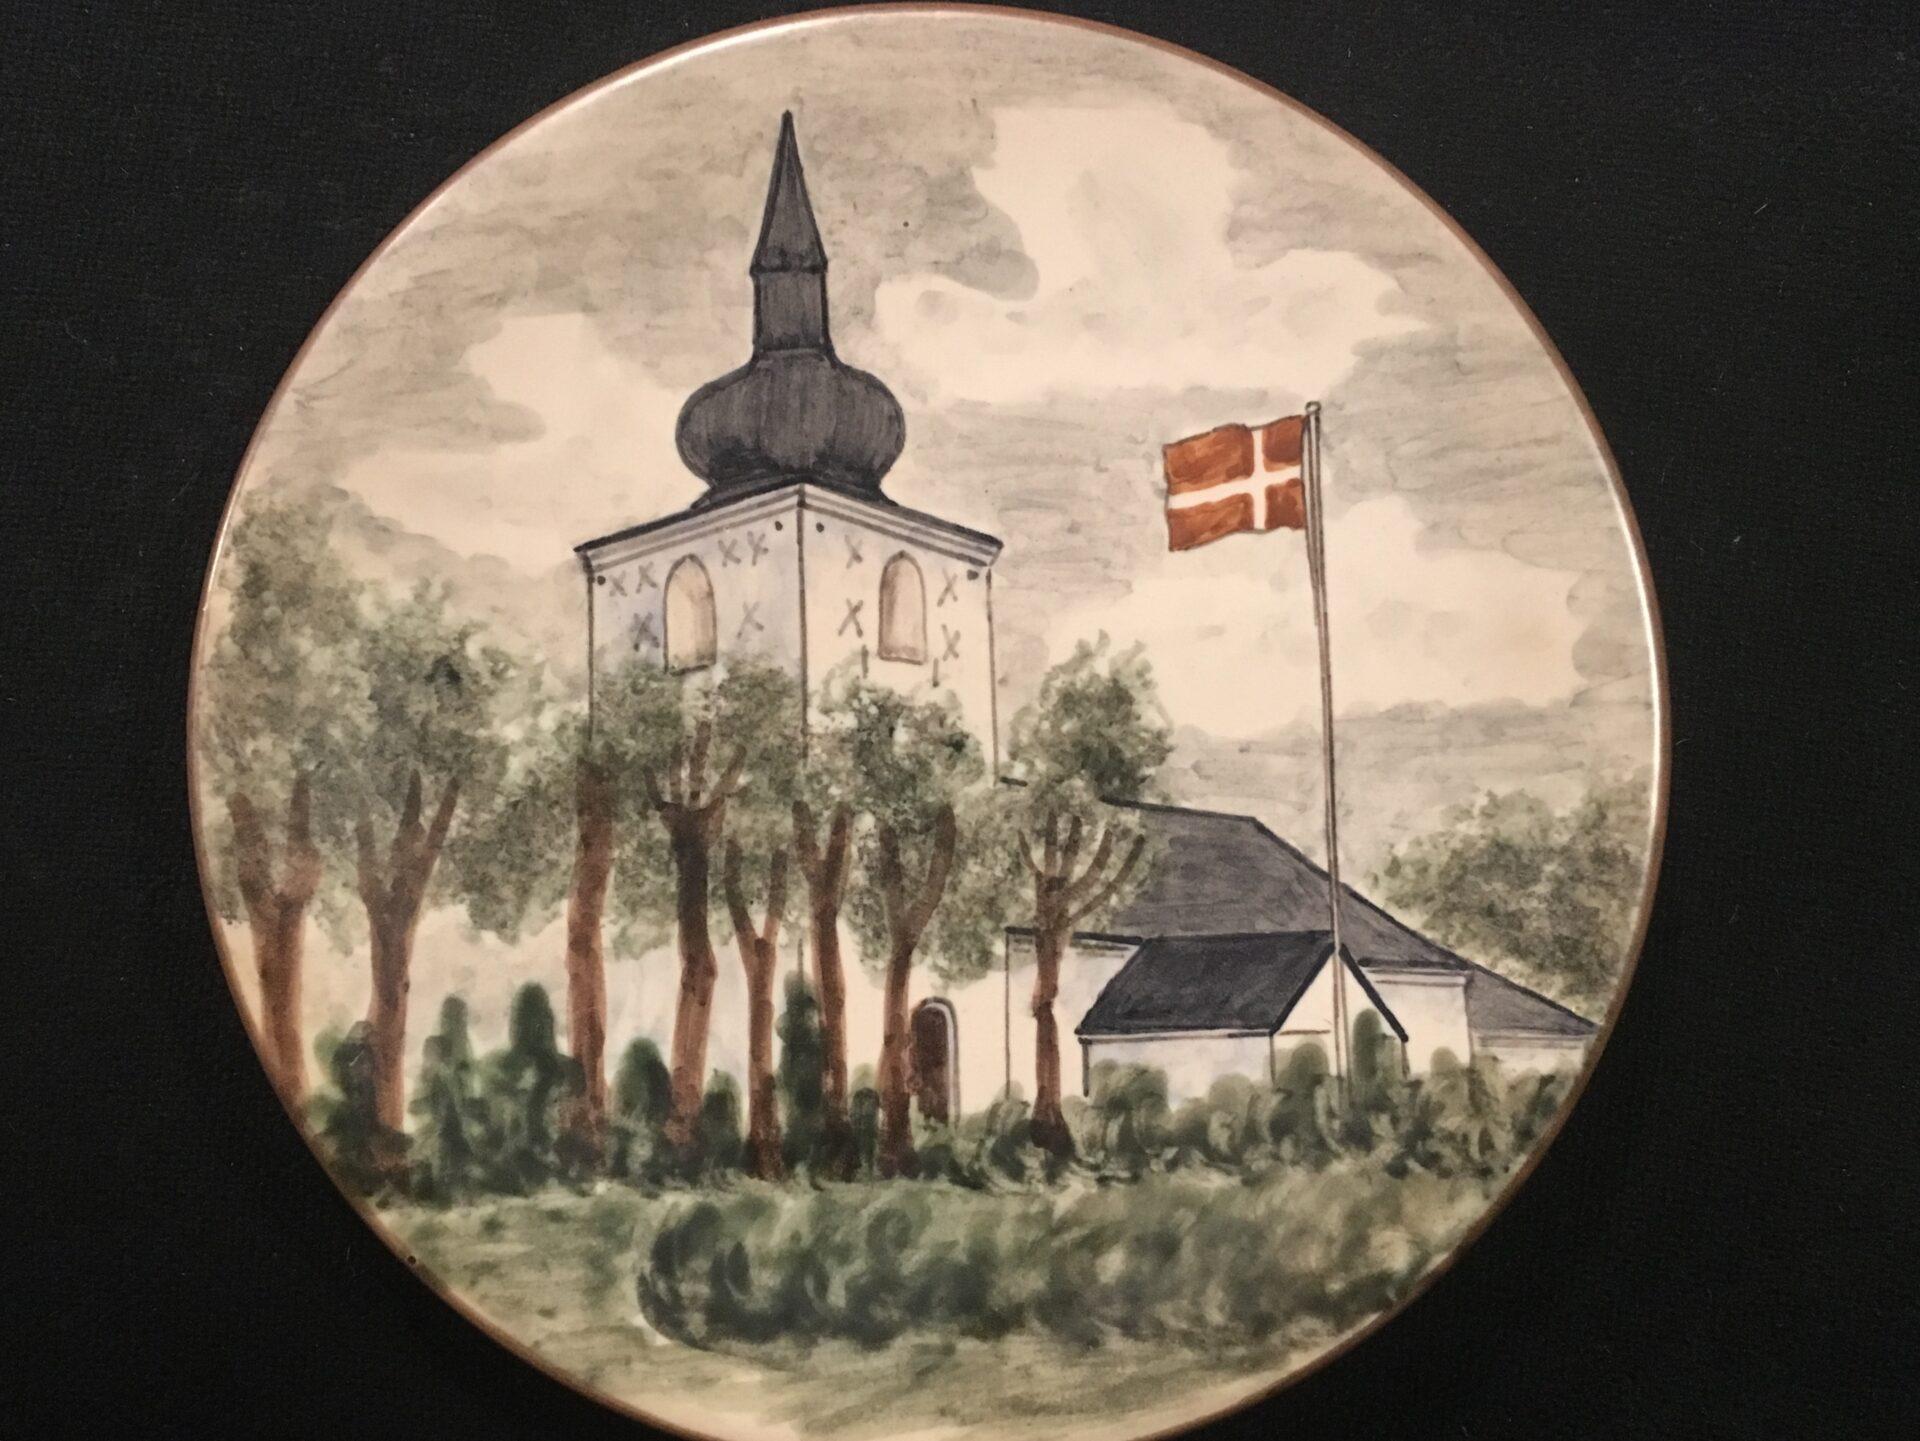 Nørup Kirke, keramikplatte af Emil Ruge, d= 22 cm, pris 150 kr